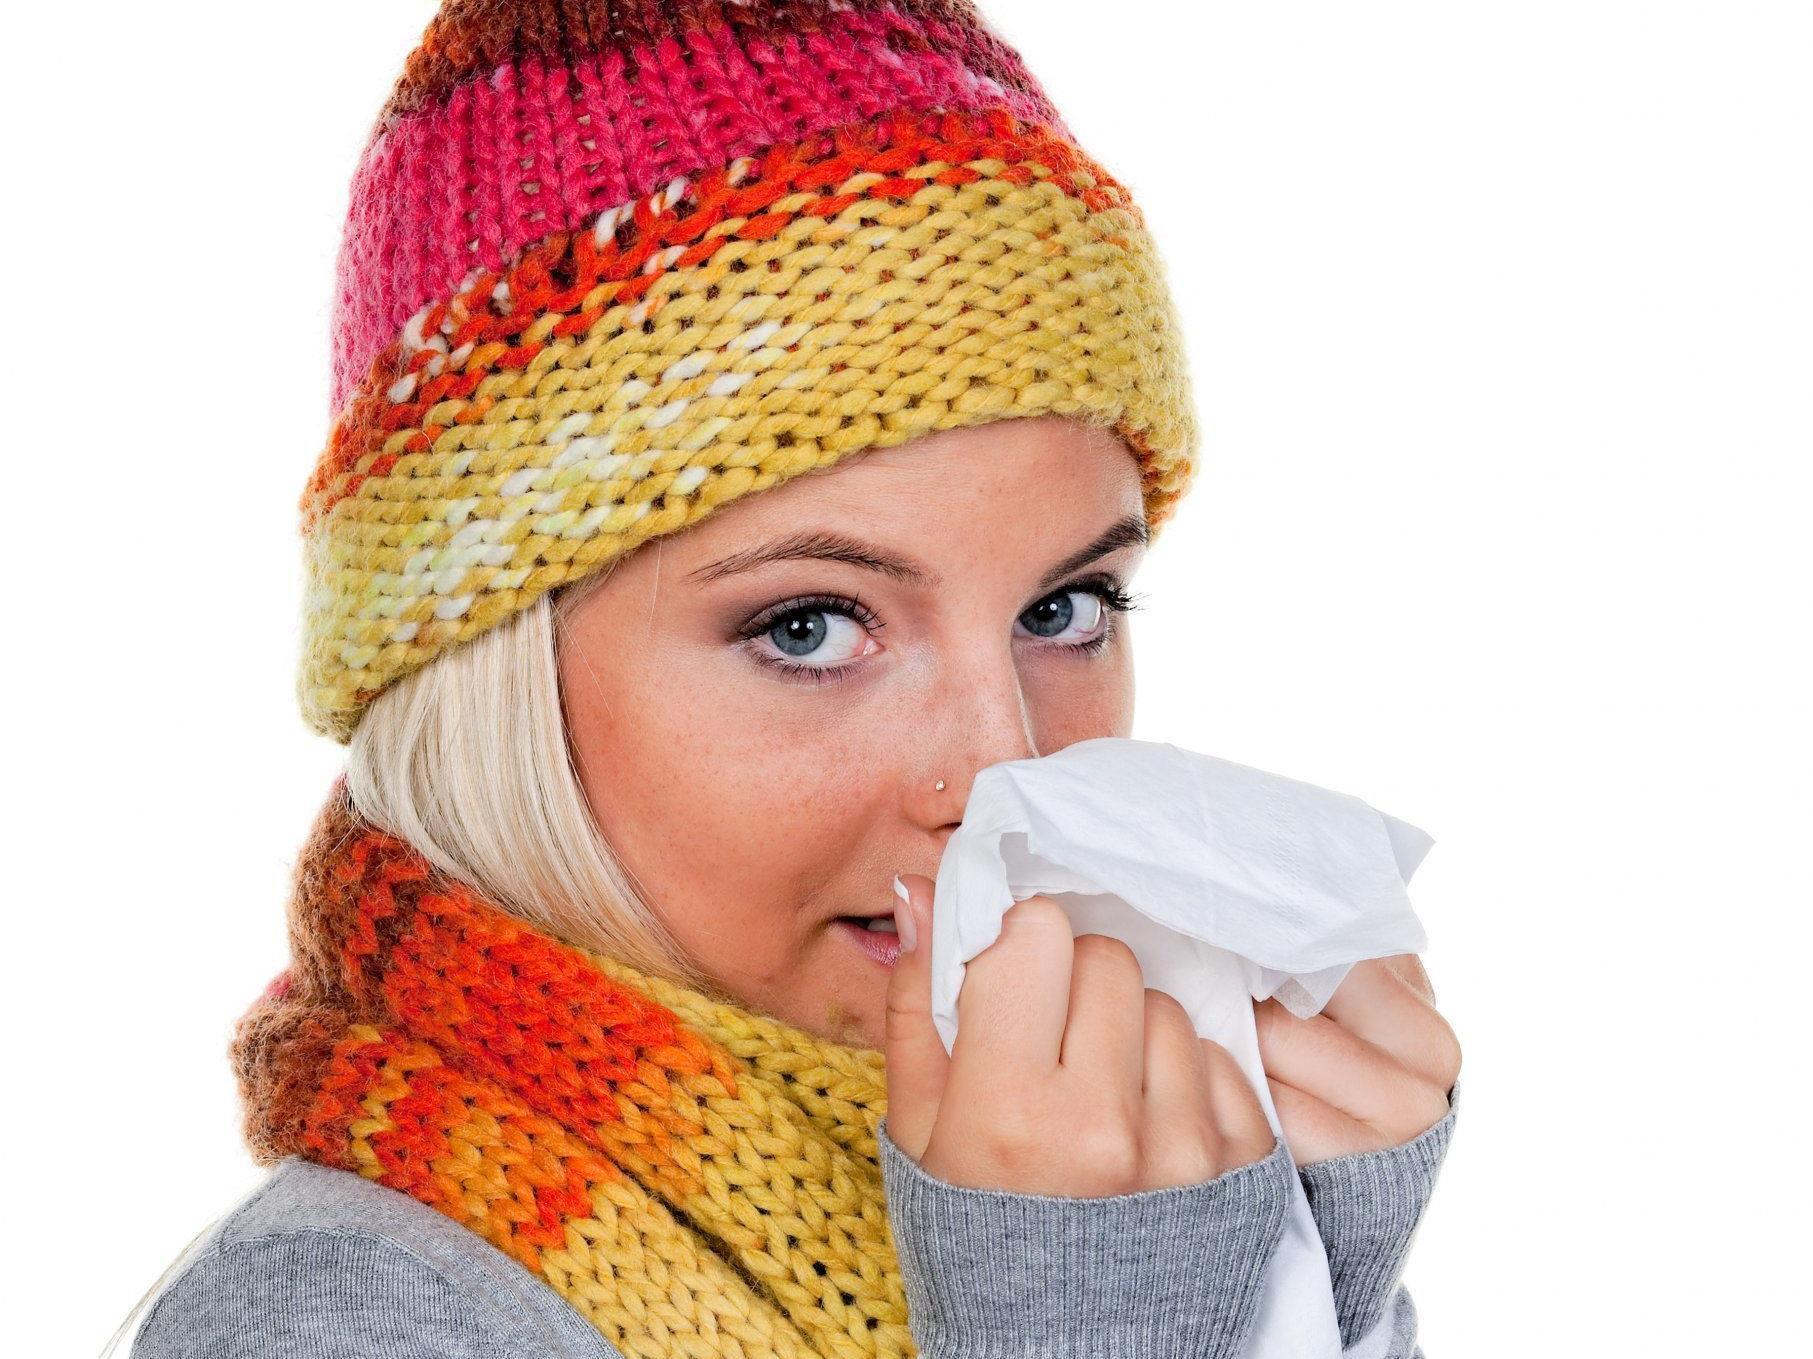 Oftmals helfen natürliche Hilfsmittel eine fiese Erkältung zu bekämpfen.